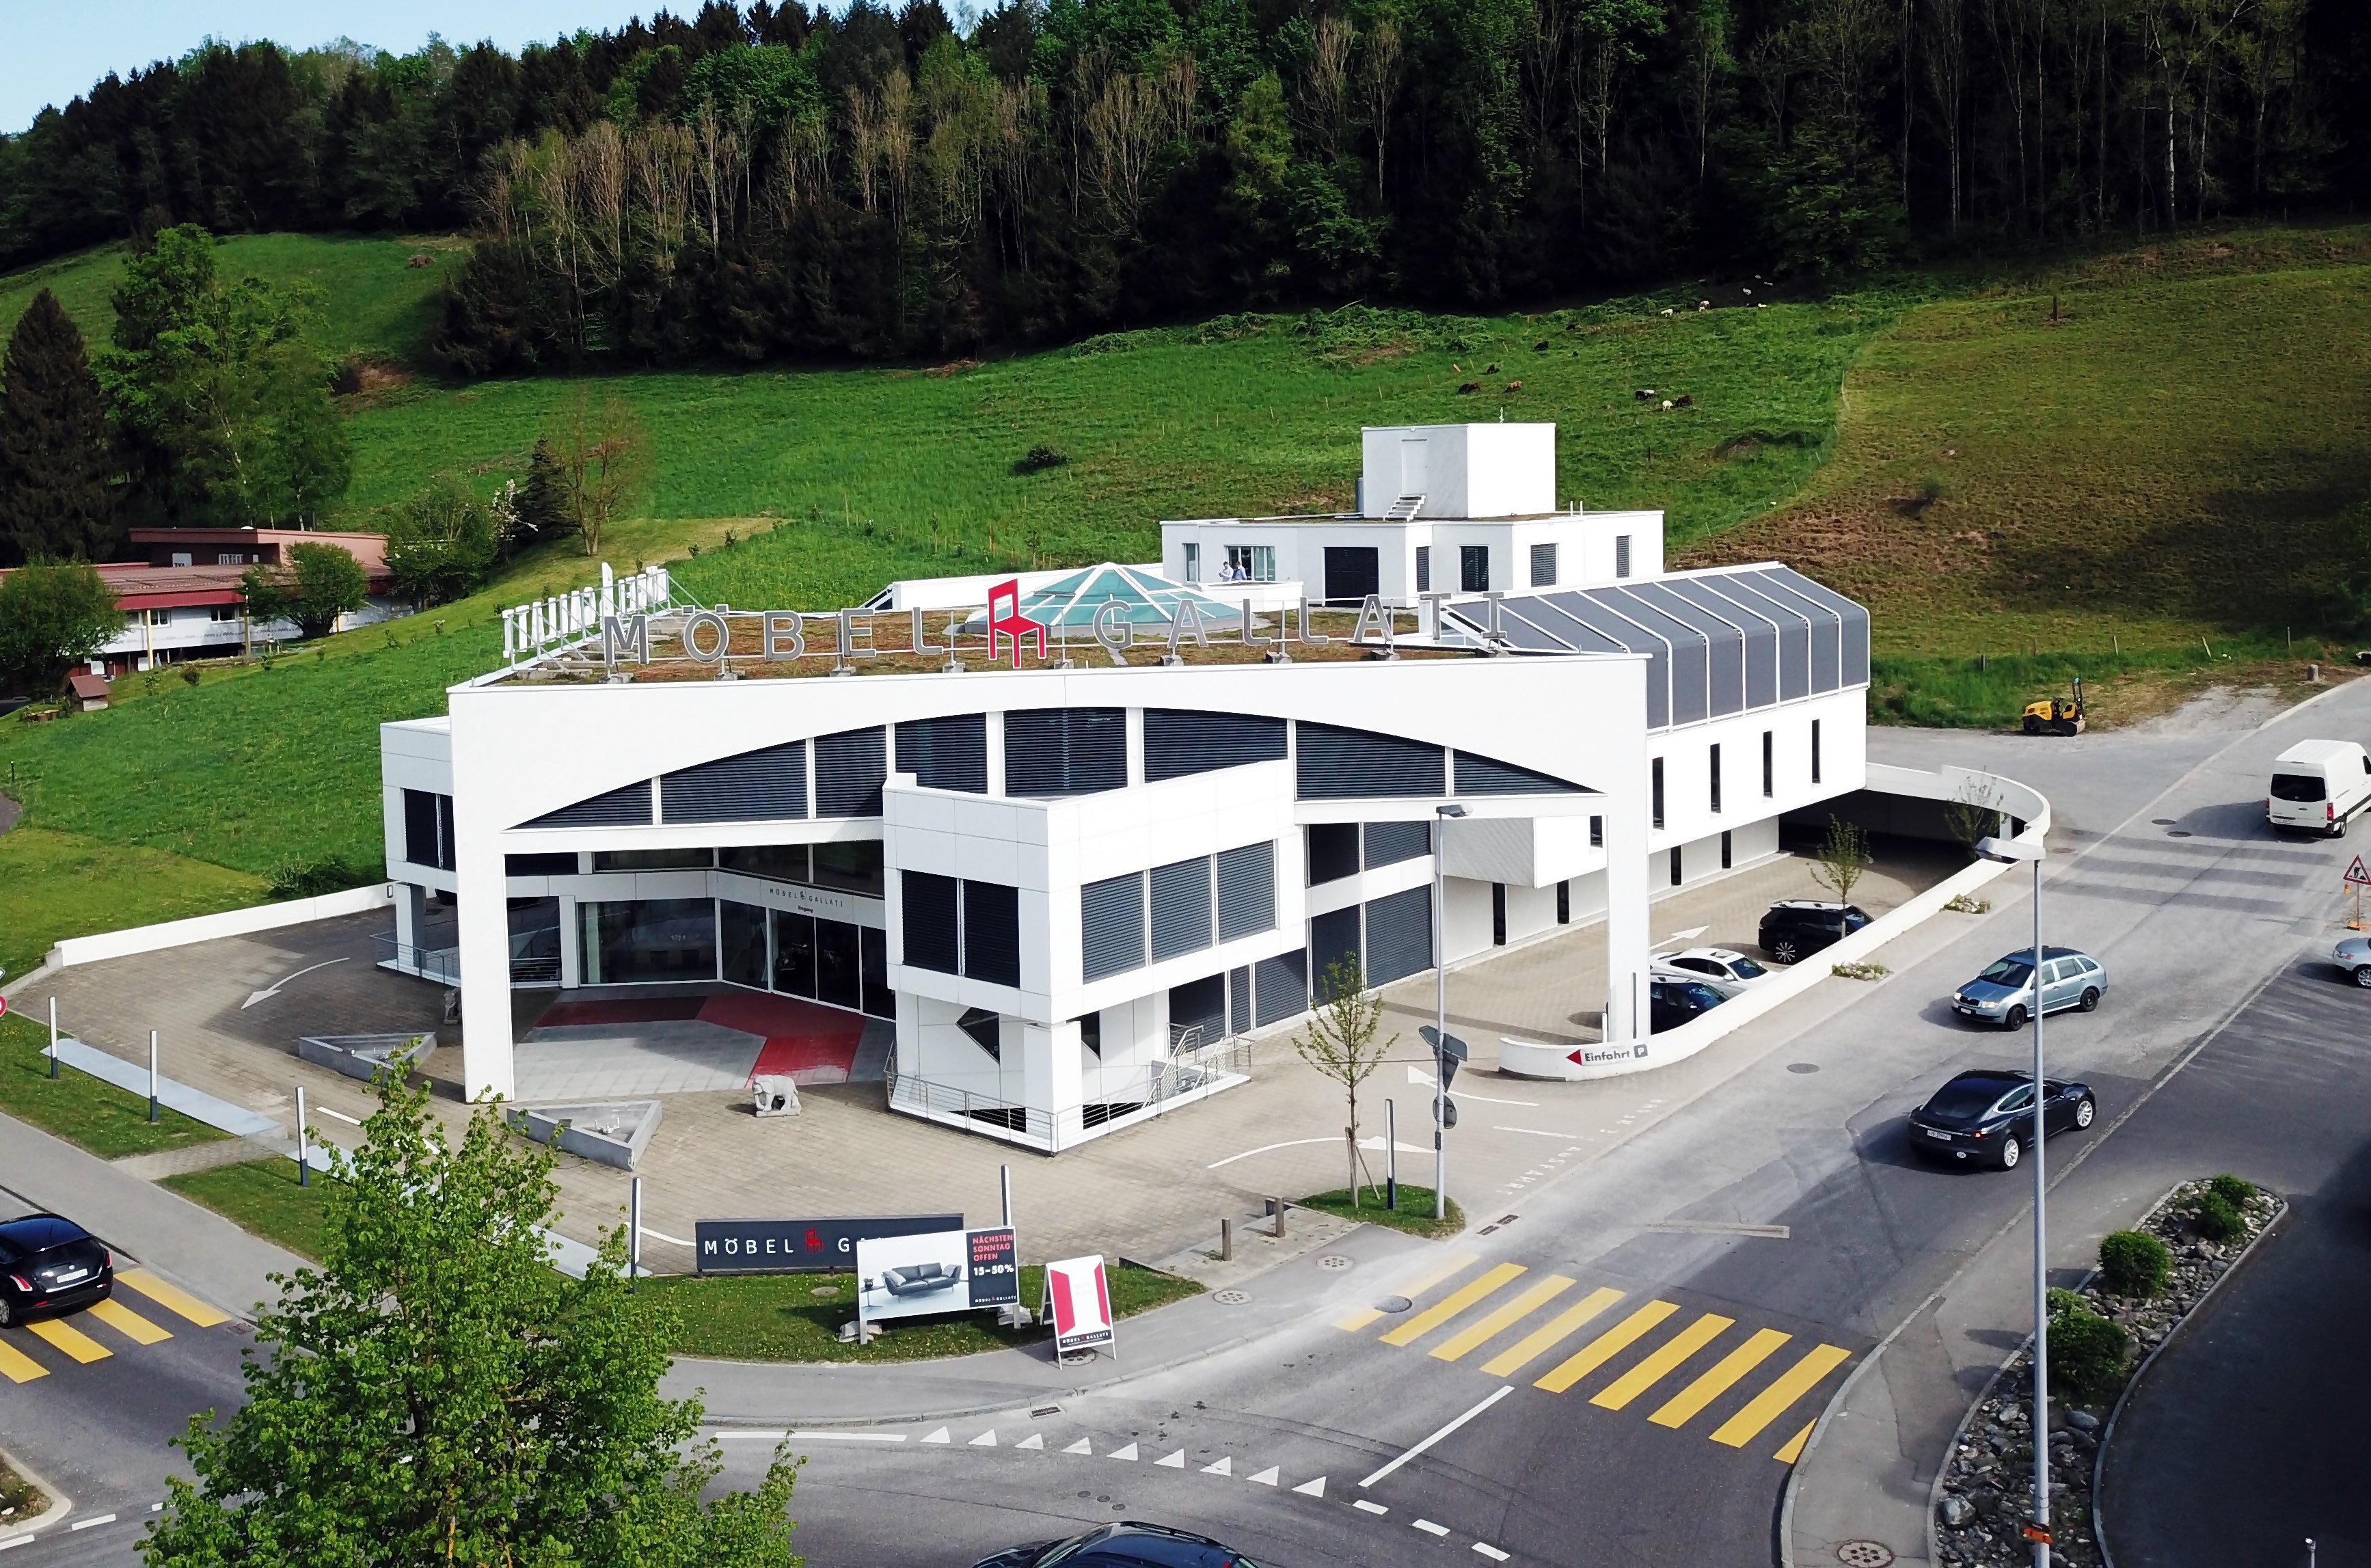 Möbel Gallati Ihr Einrichtungshaus In Sihlbrugg Zug Baar